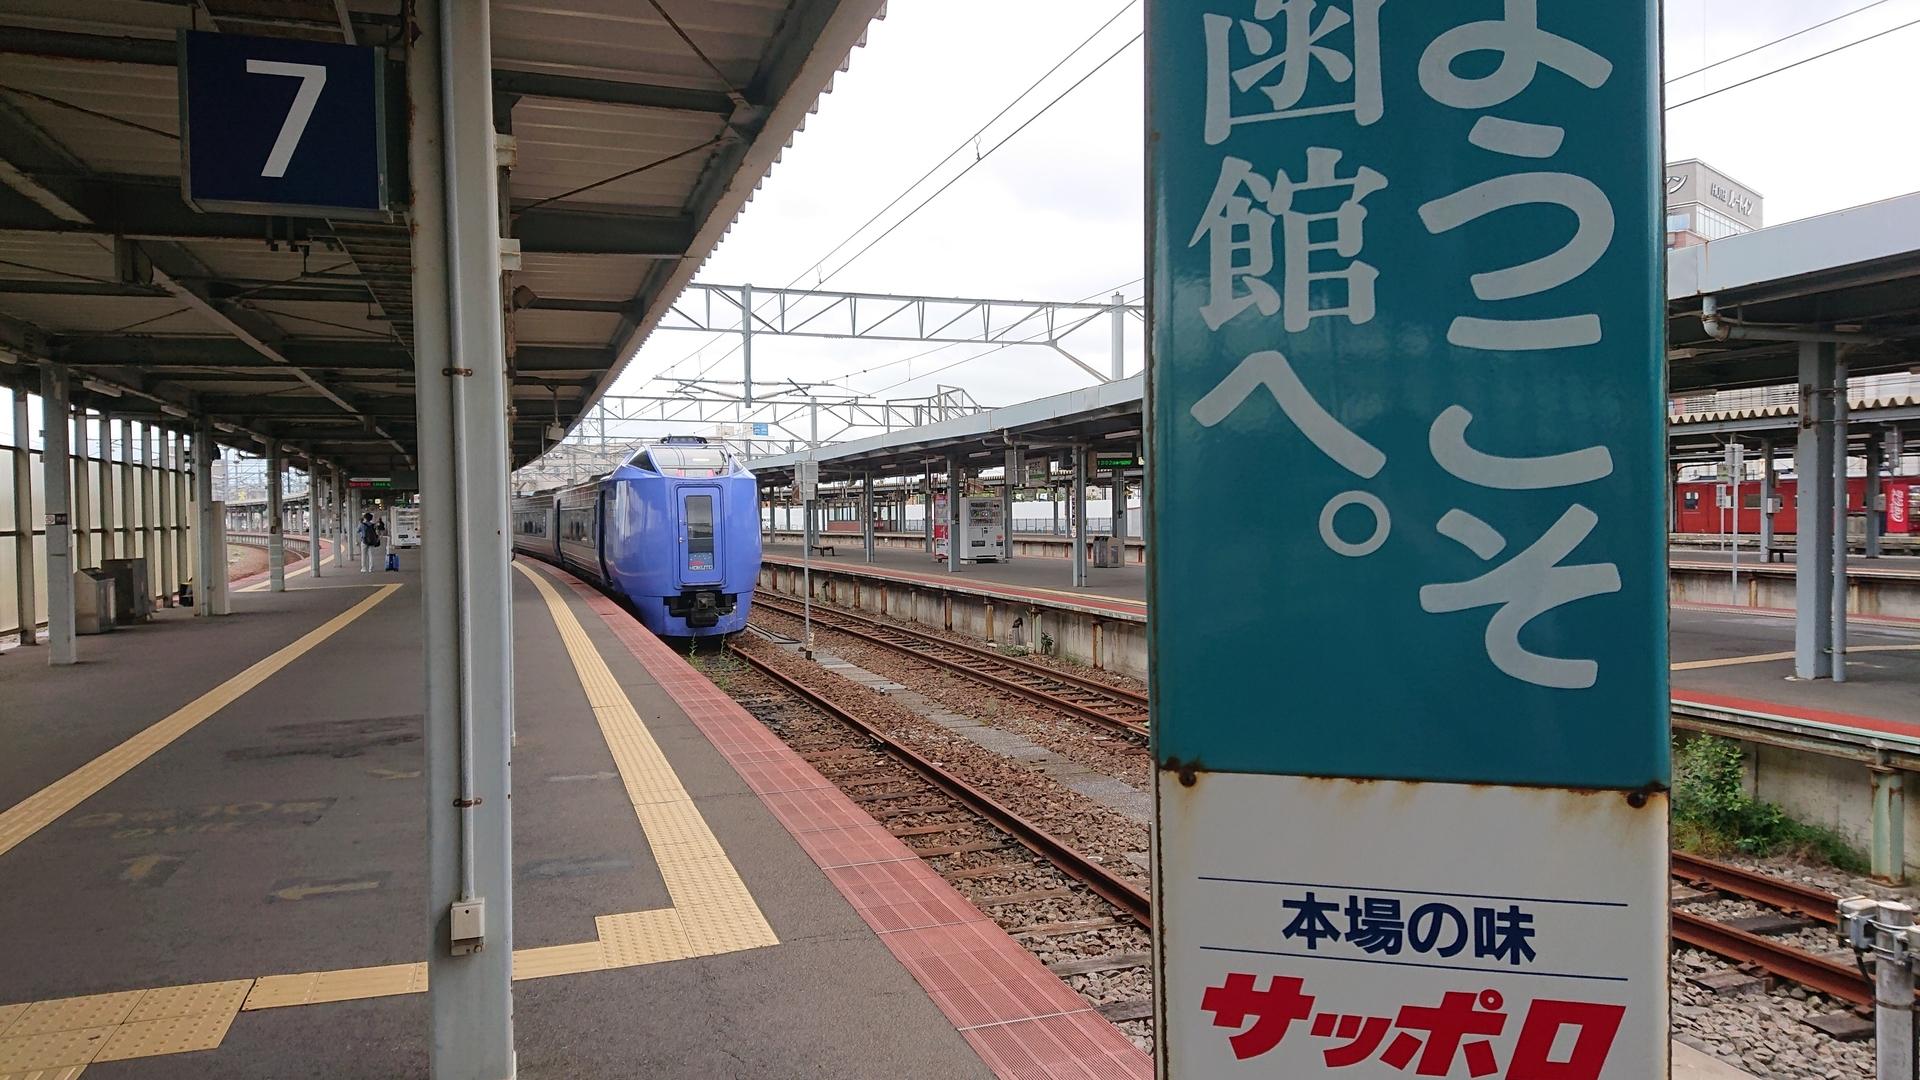 f:id:aokashi:20181231171754j:plain